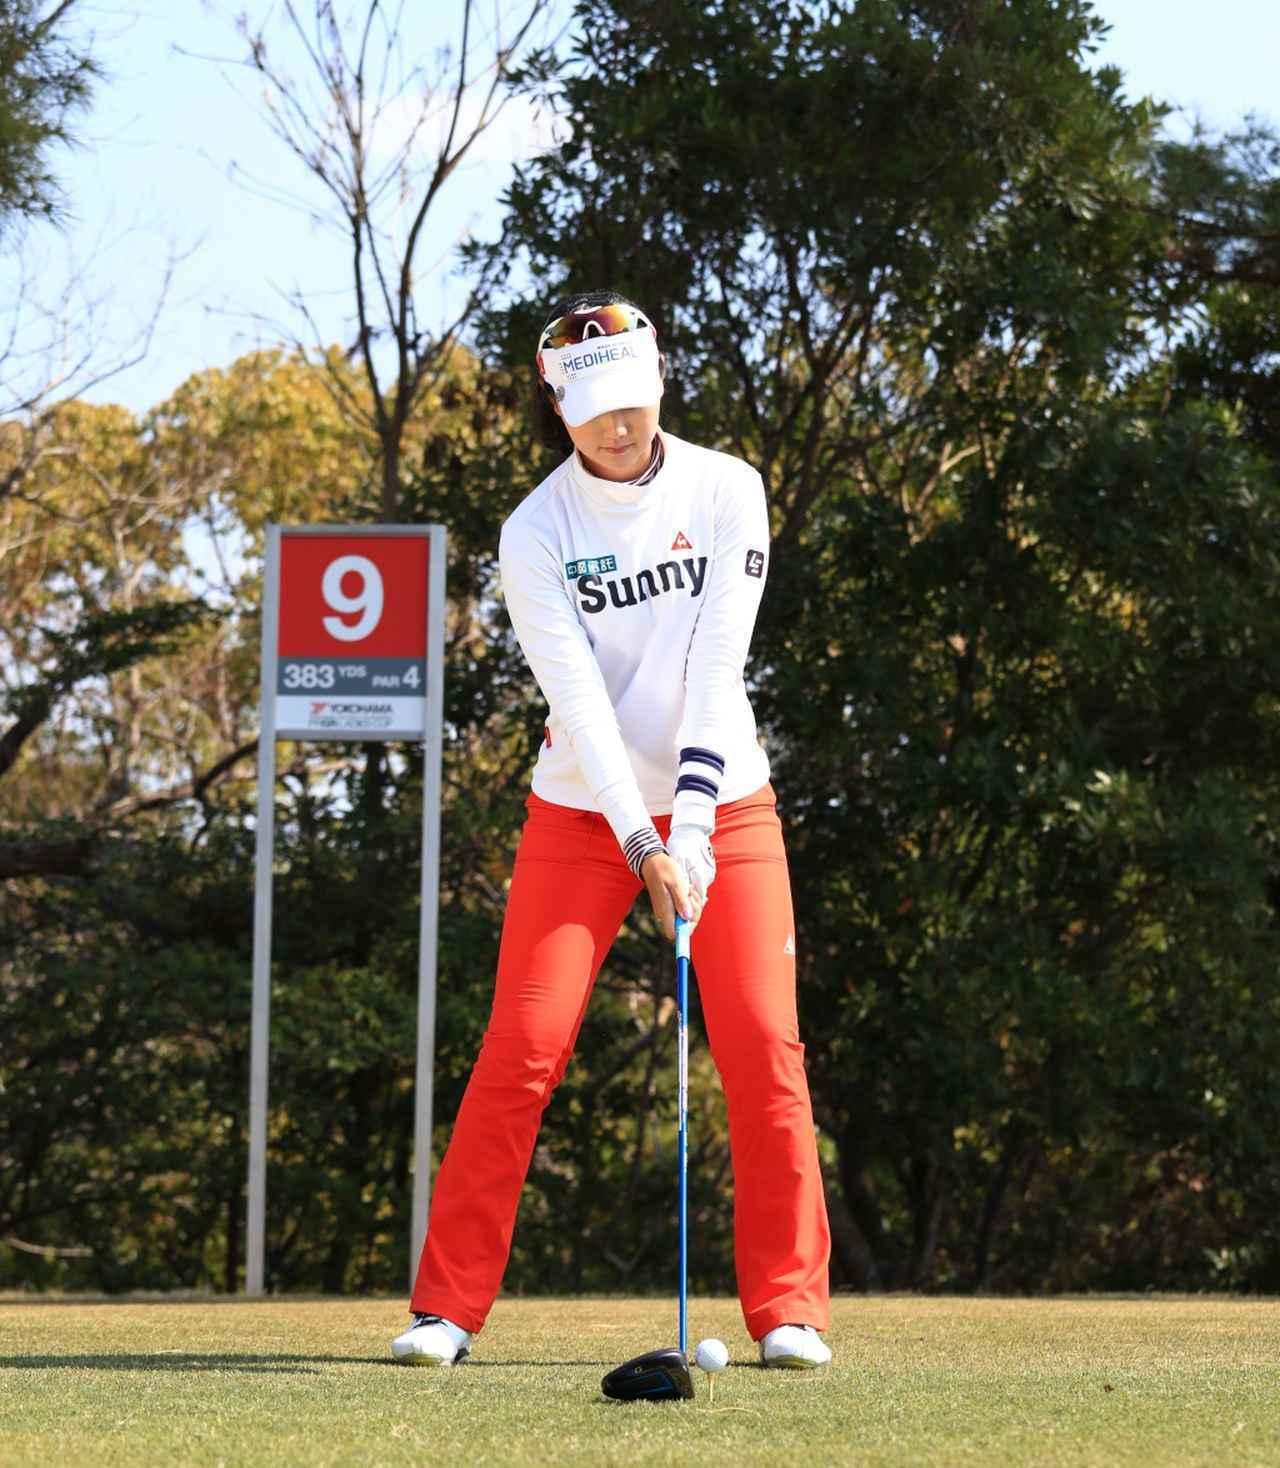 画像: 【通勤GD】Dr.クォンの反力打法 Vol.21 釣りのキャスティングしちゃっていませんか? ゴルフダイジェストWEB - ゴルフへ行こうWEB by ゴルフダイジェスト